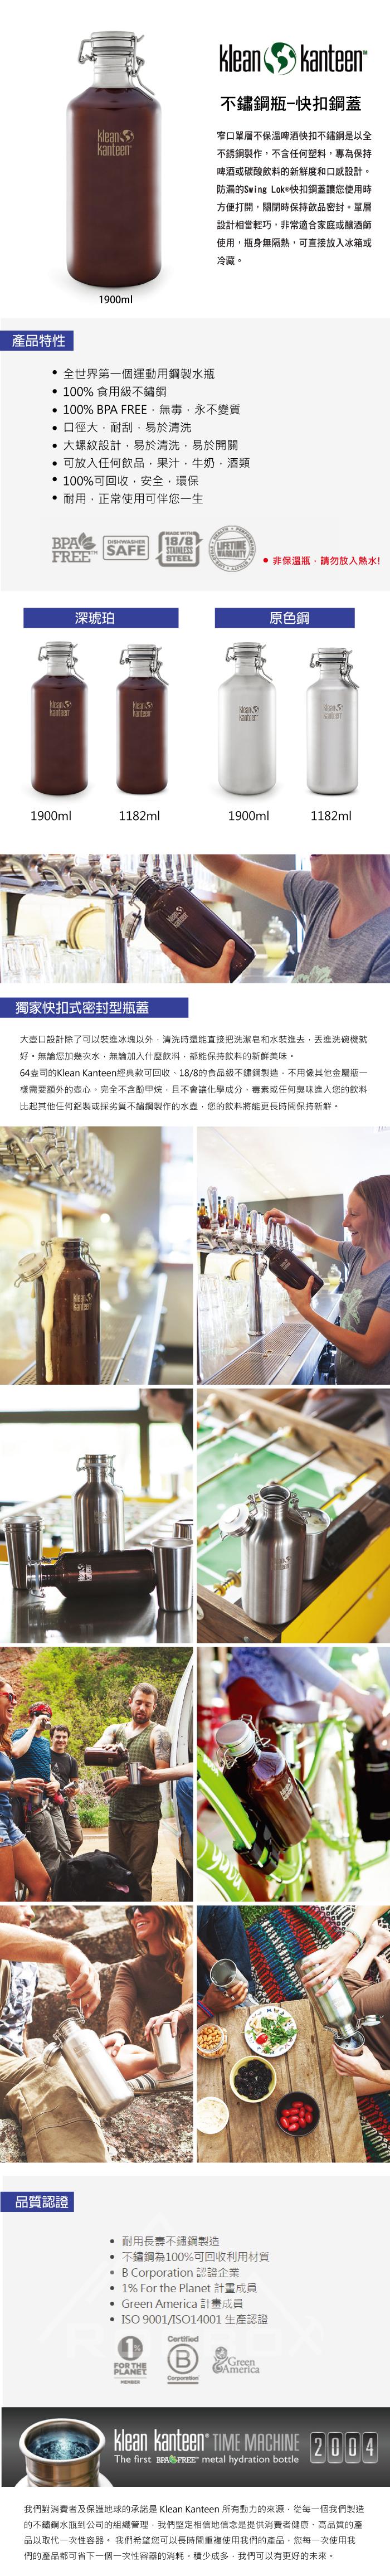 (複製)美國Klean Kanteen|快扣啤酒窄口不鏽鋼瓶-1182ml